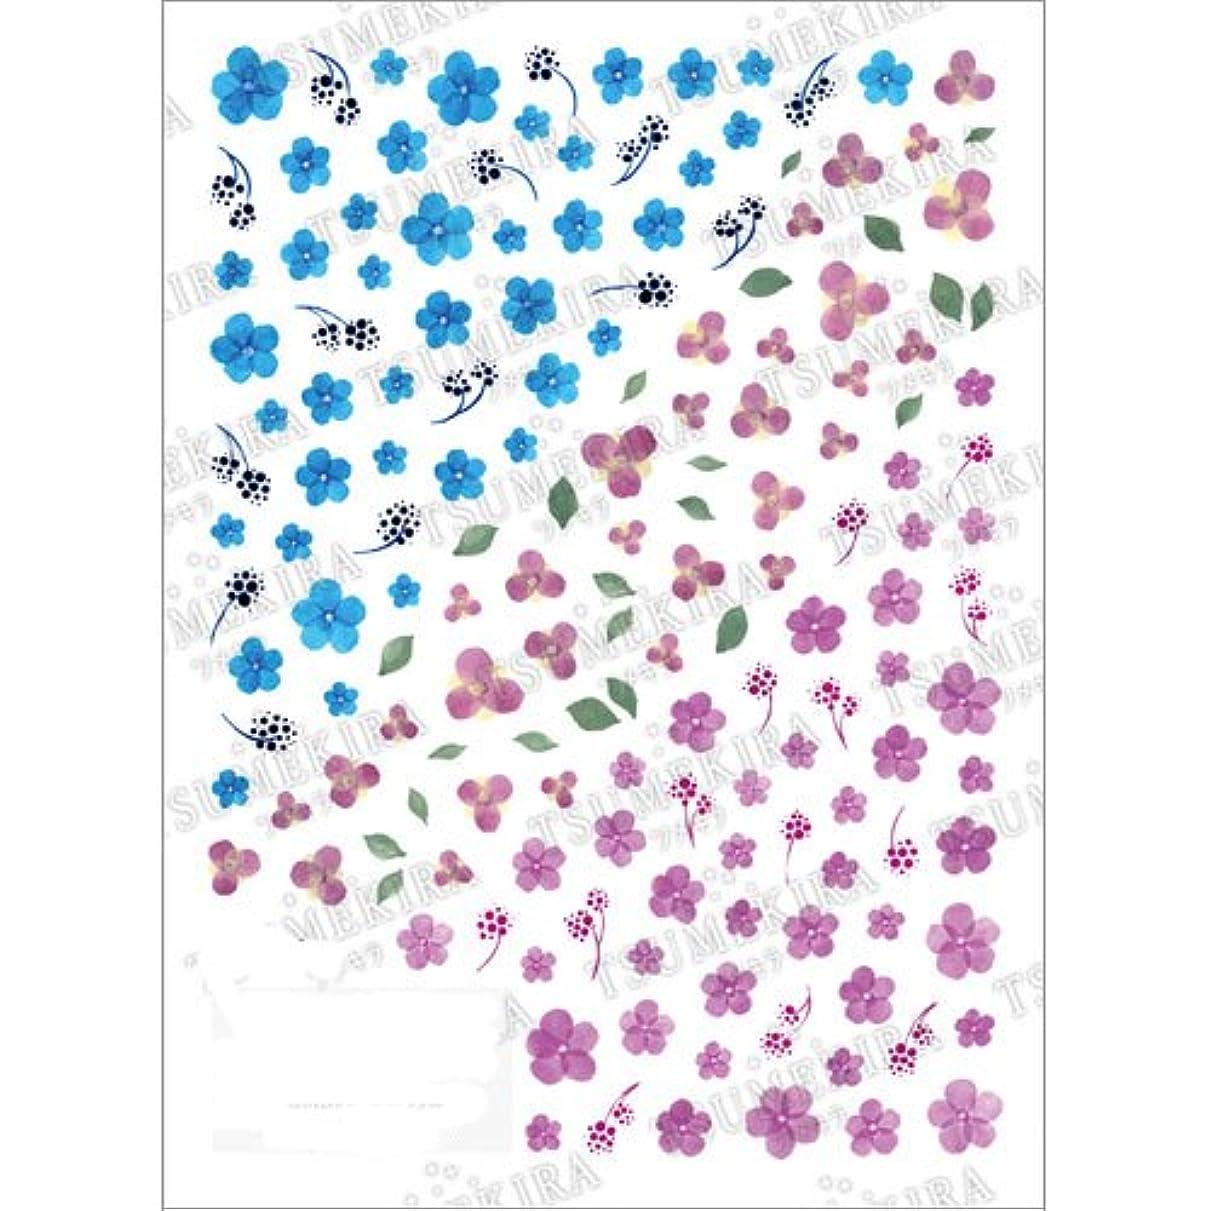 下品シュリンクバレーボールツメキラ ネイル用シール 工藤恭子プロデュース3 水彩フラワー NN-PRD-703